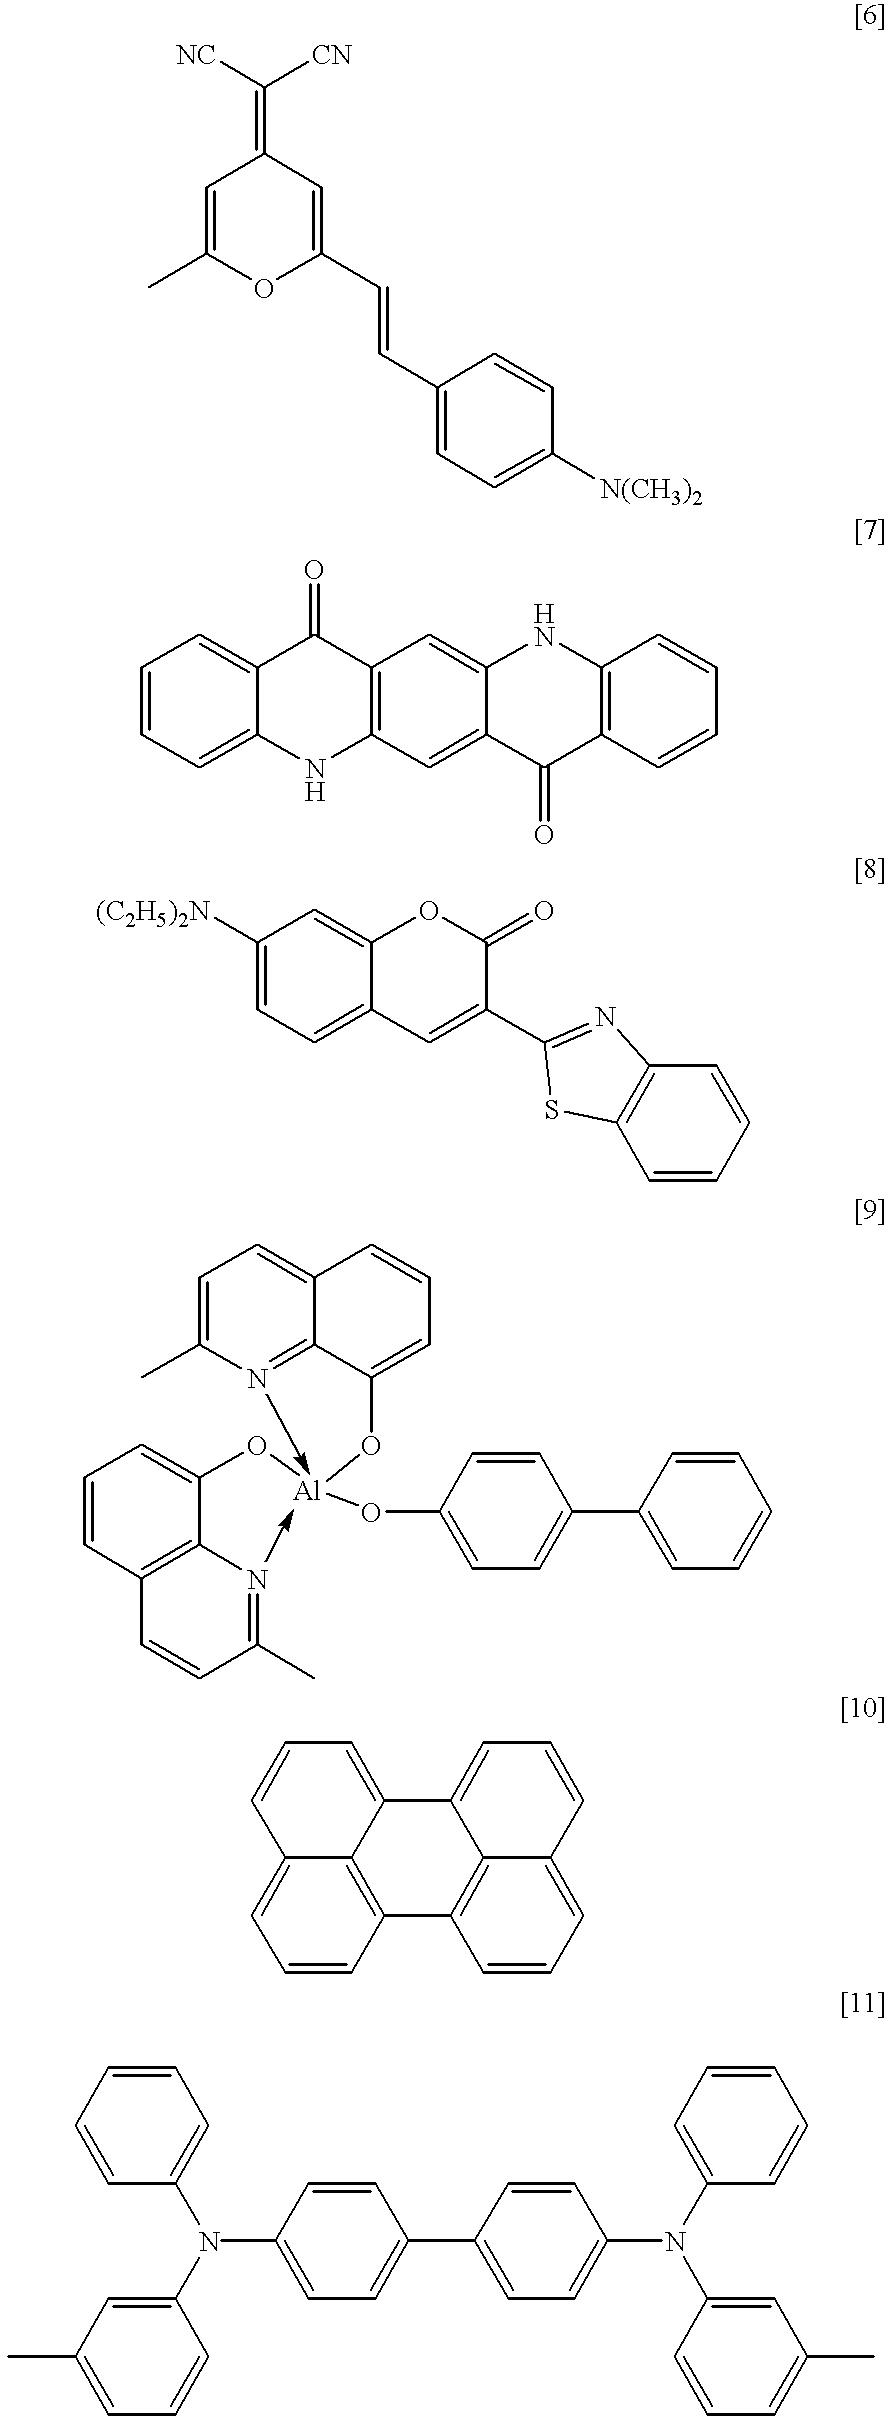 Figure US06396208-20020528-C00002